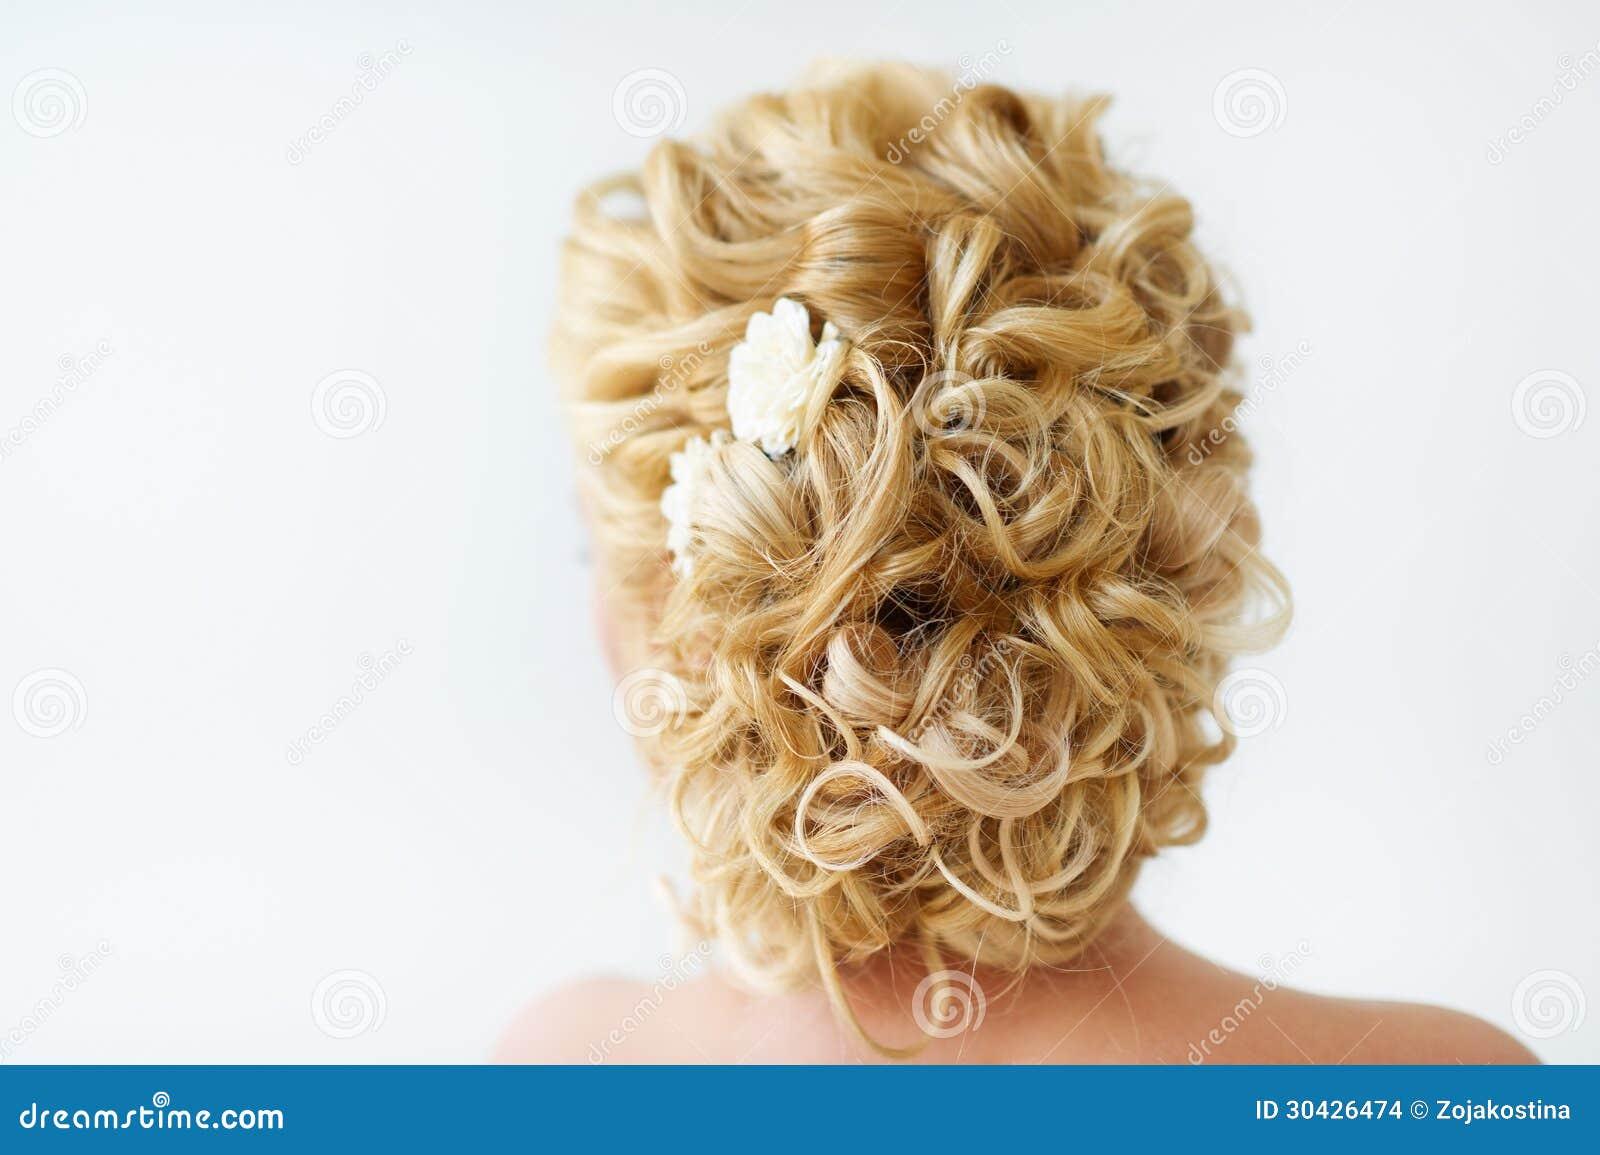 Фото причесок вечерних на вьющиеся волосы